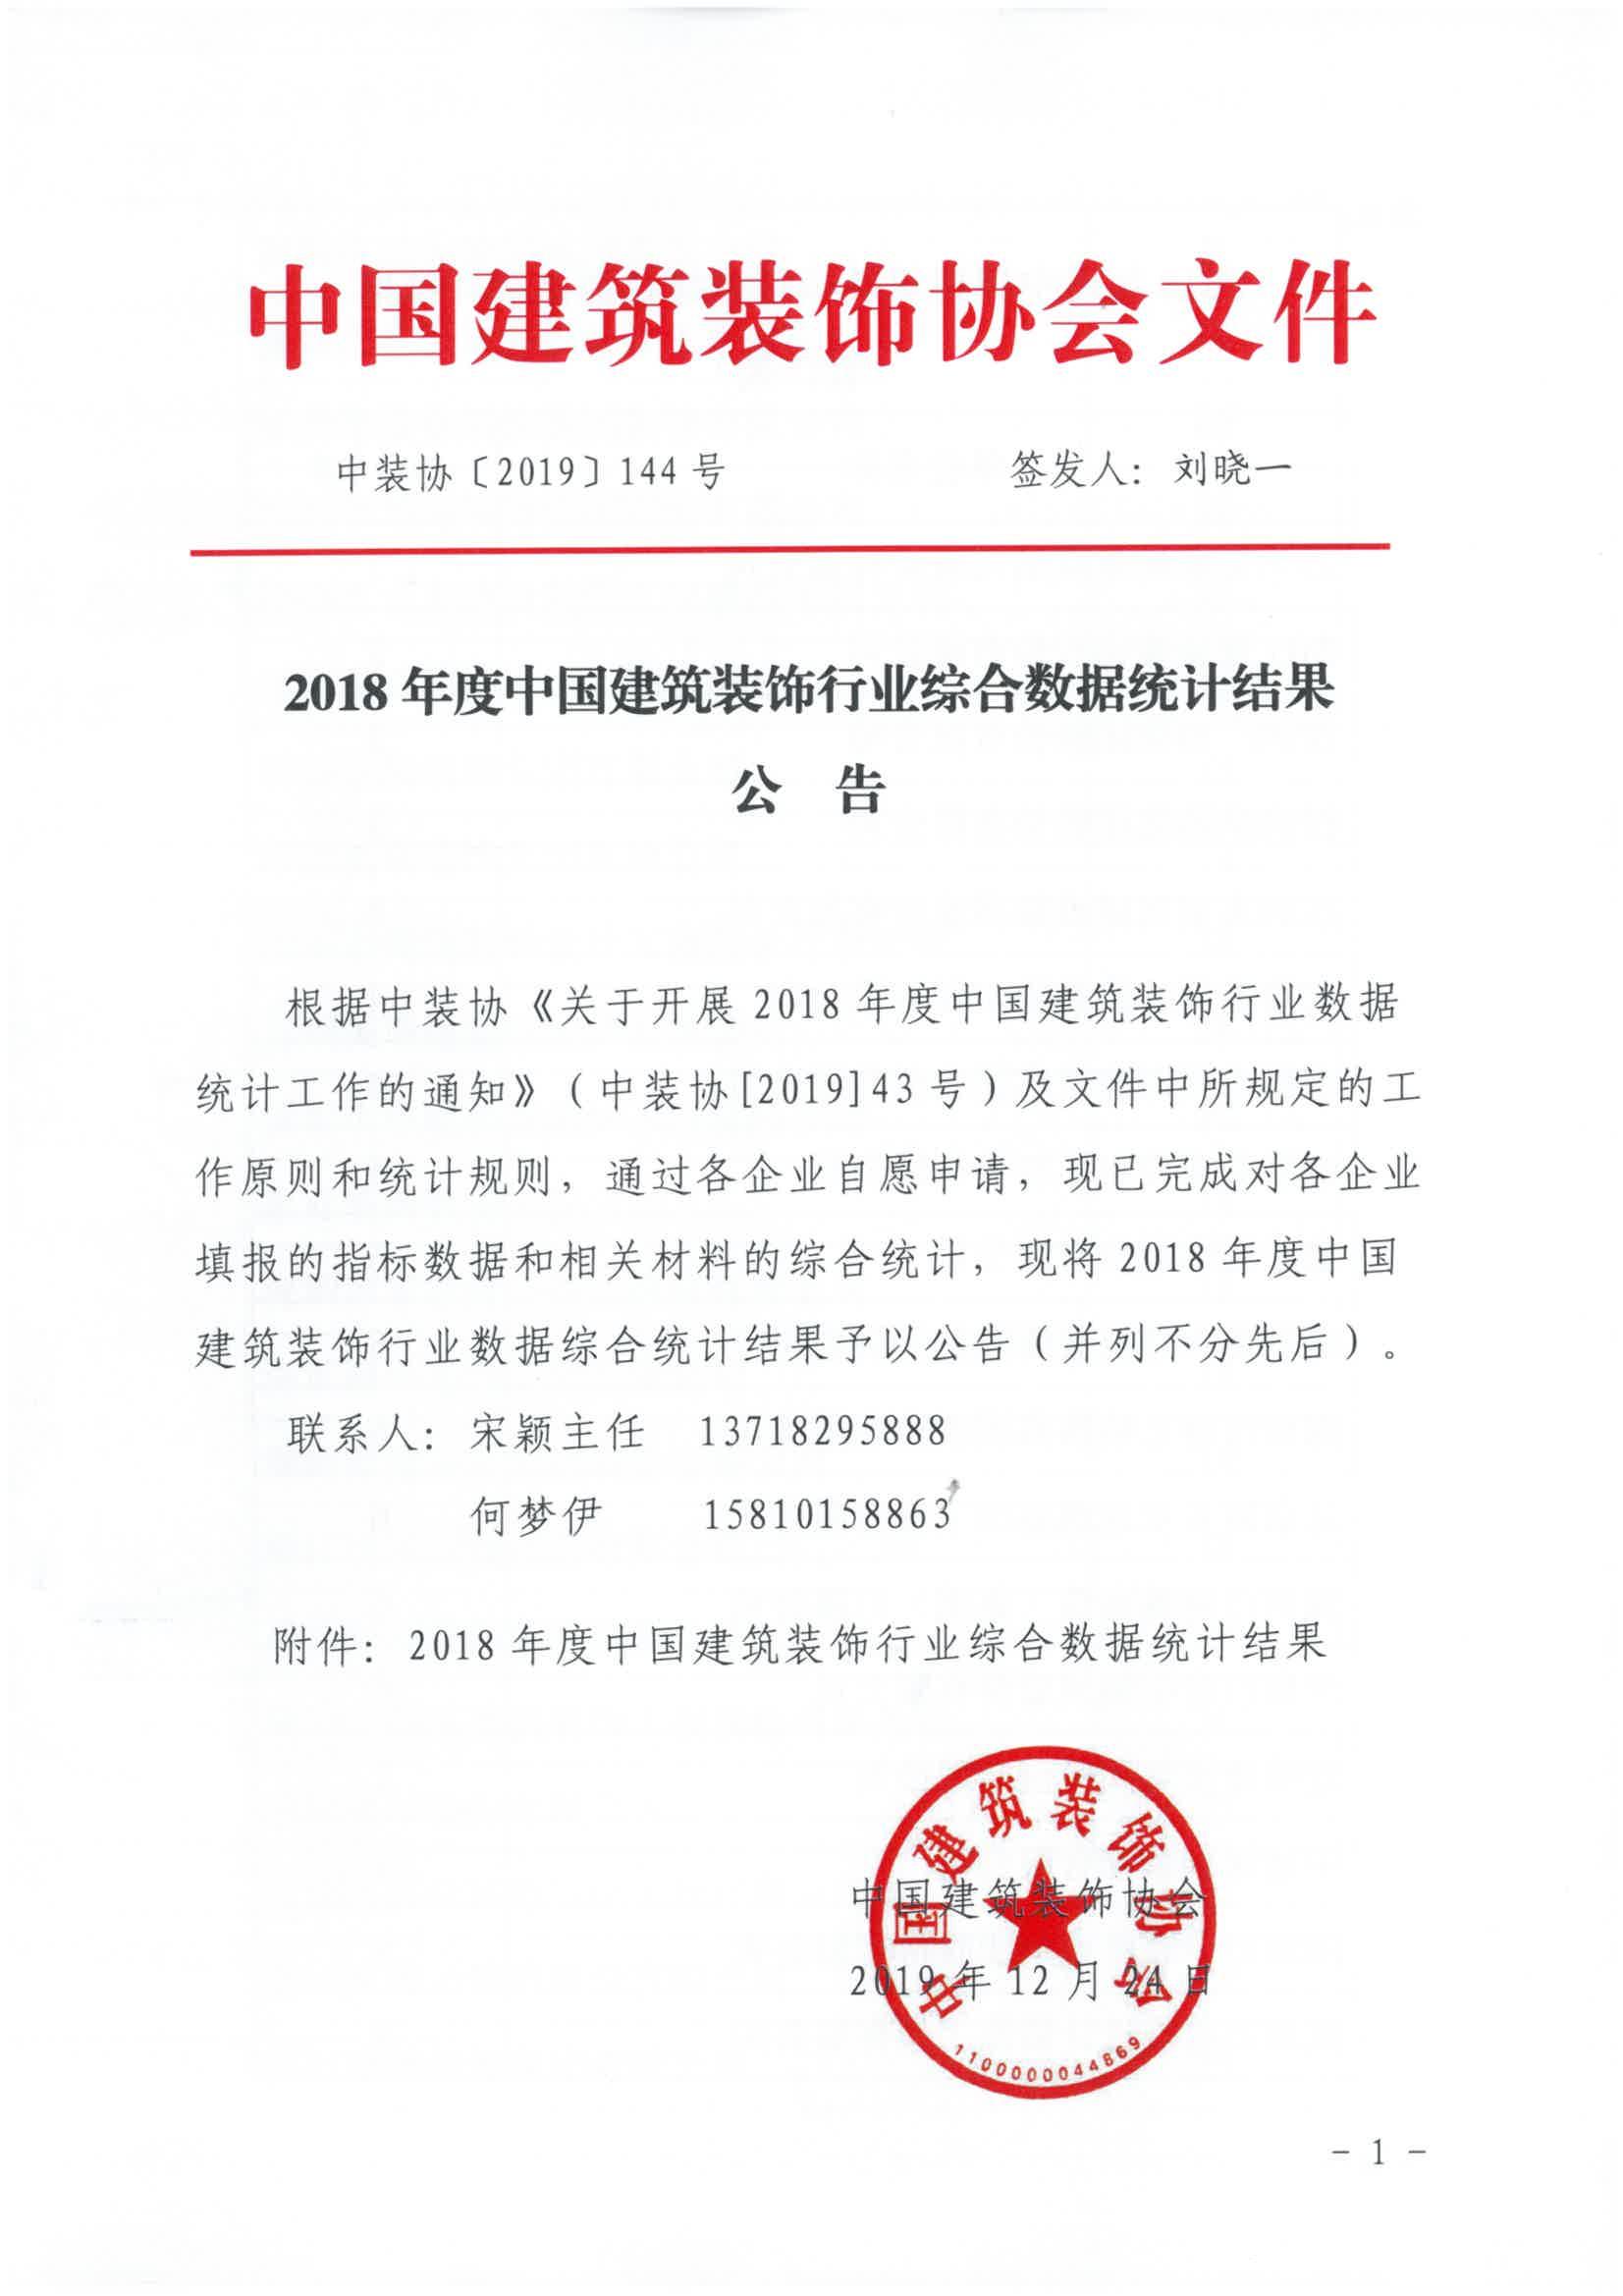 鸿昊装饰 | 入围2018年度中国建筑装饰行业百强企业